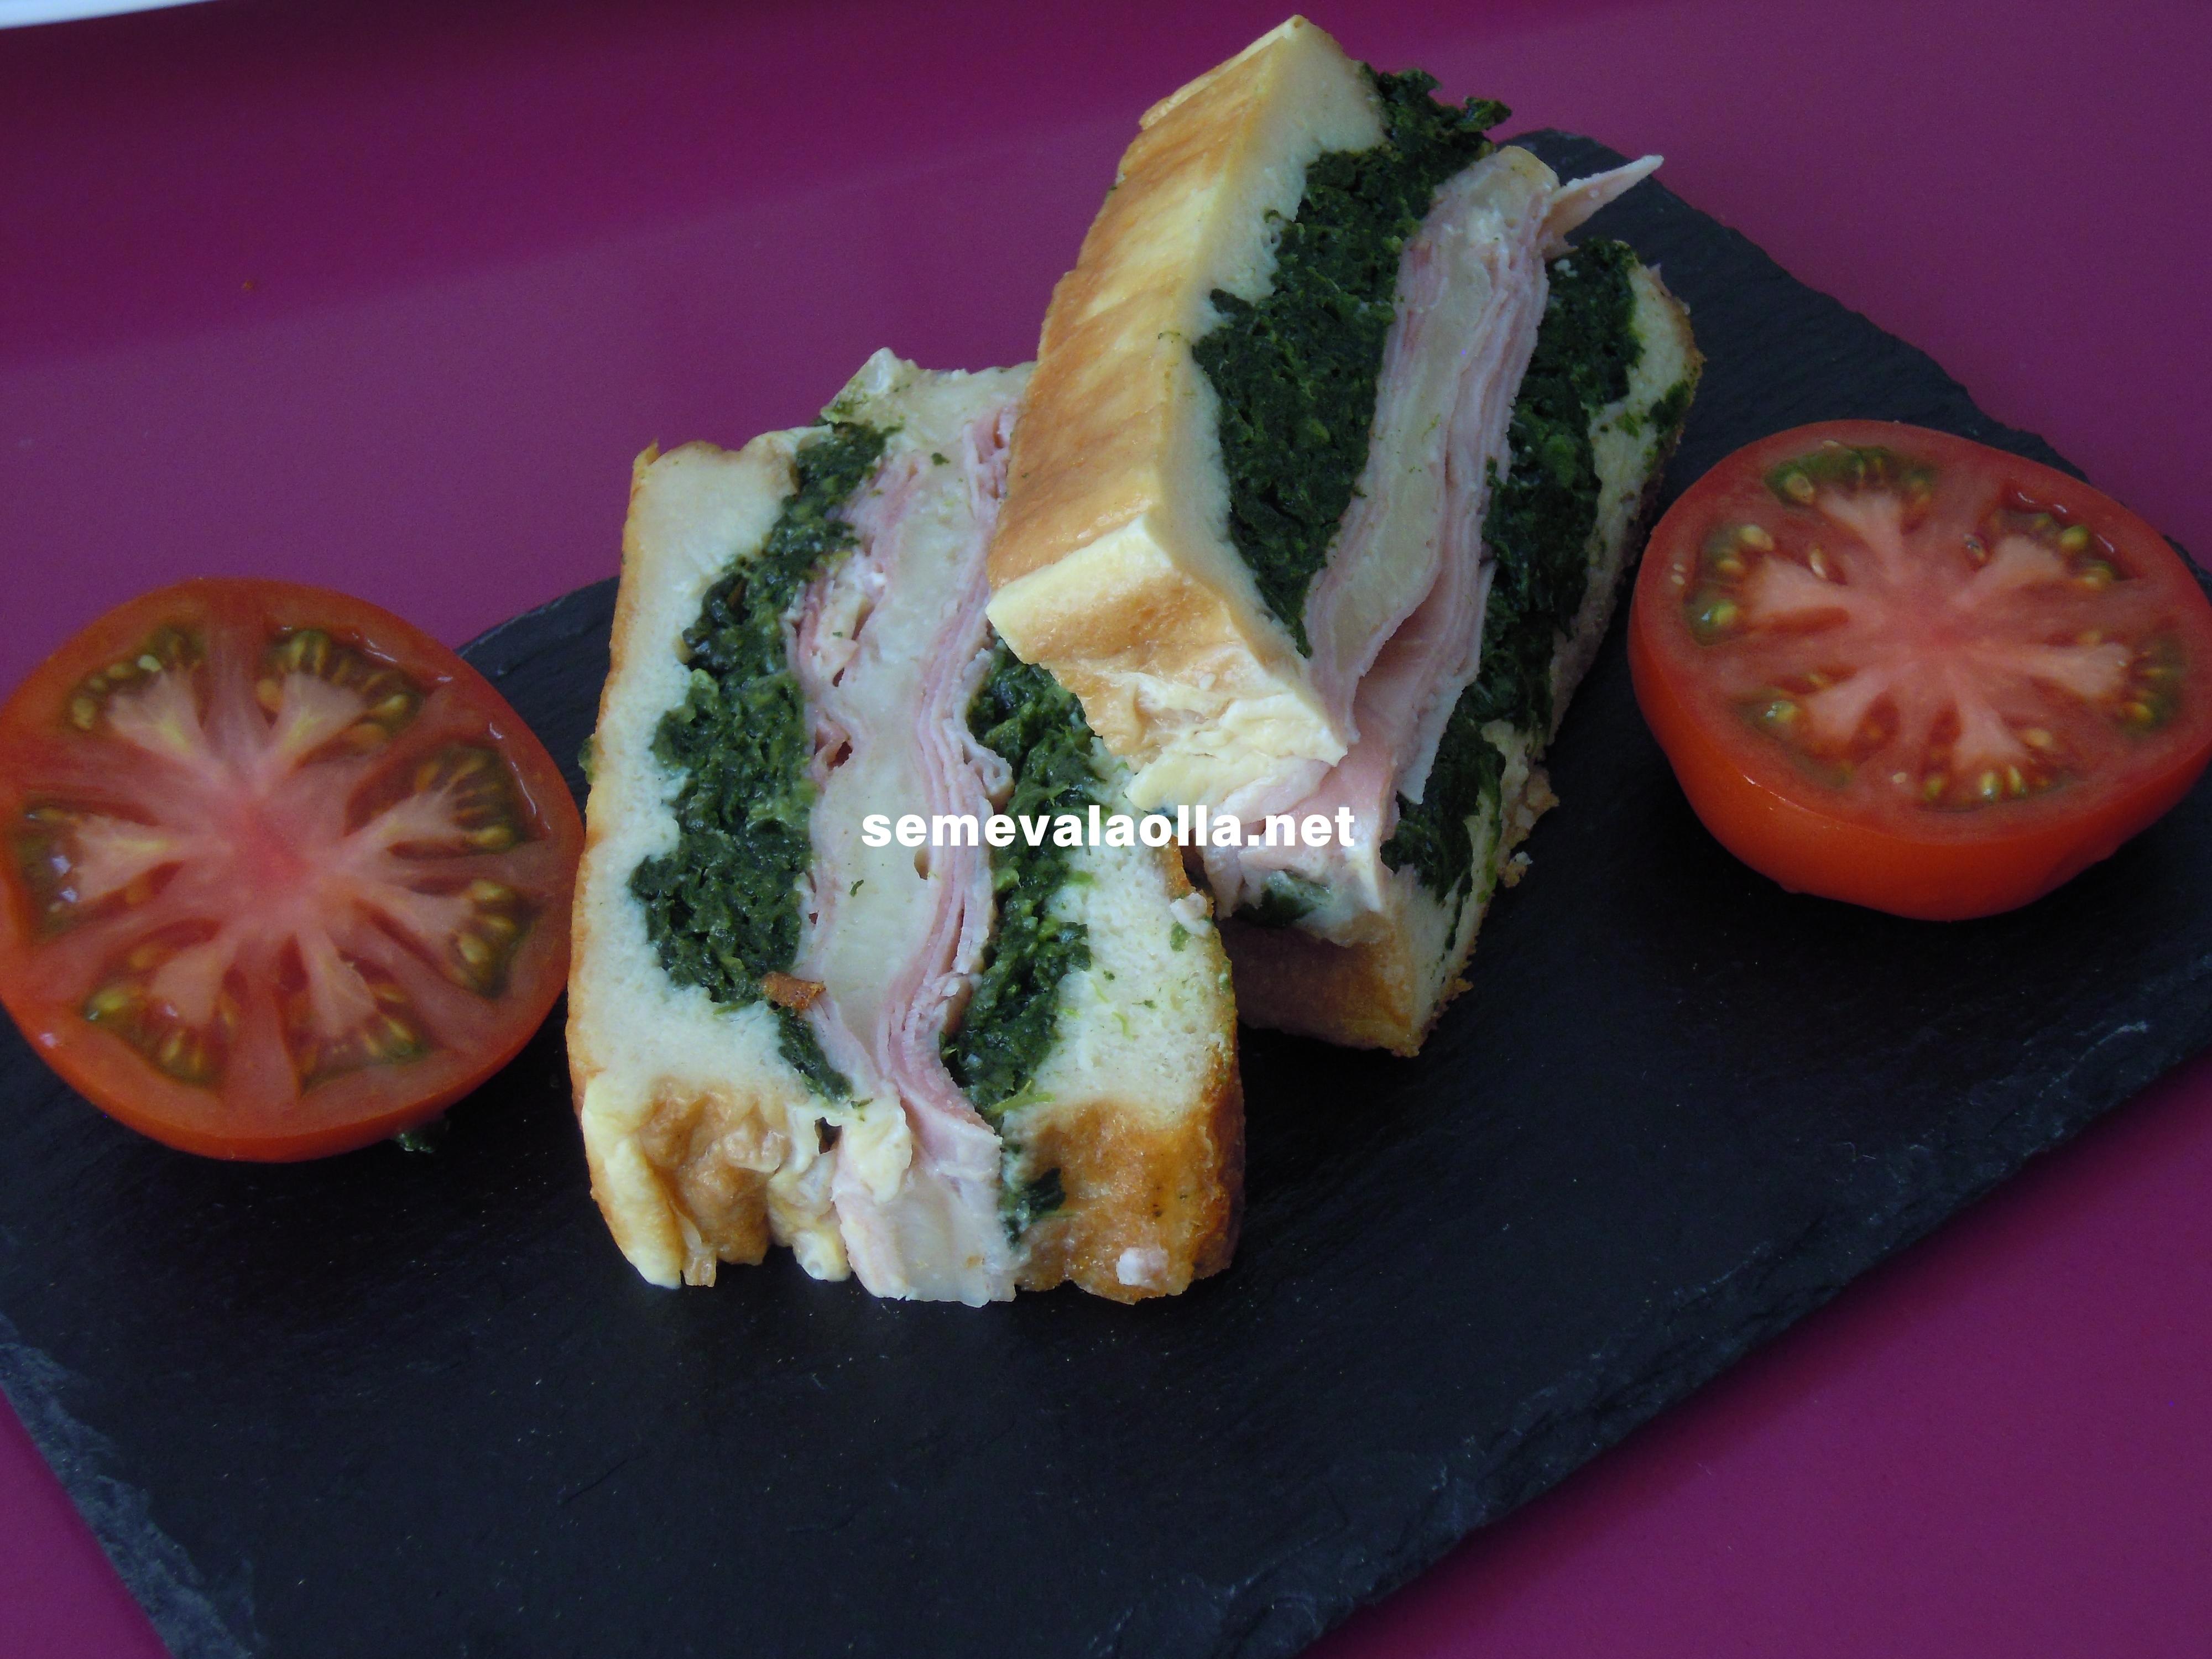 Espinacas semevalaolla for Espinacas como cocinarlas